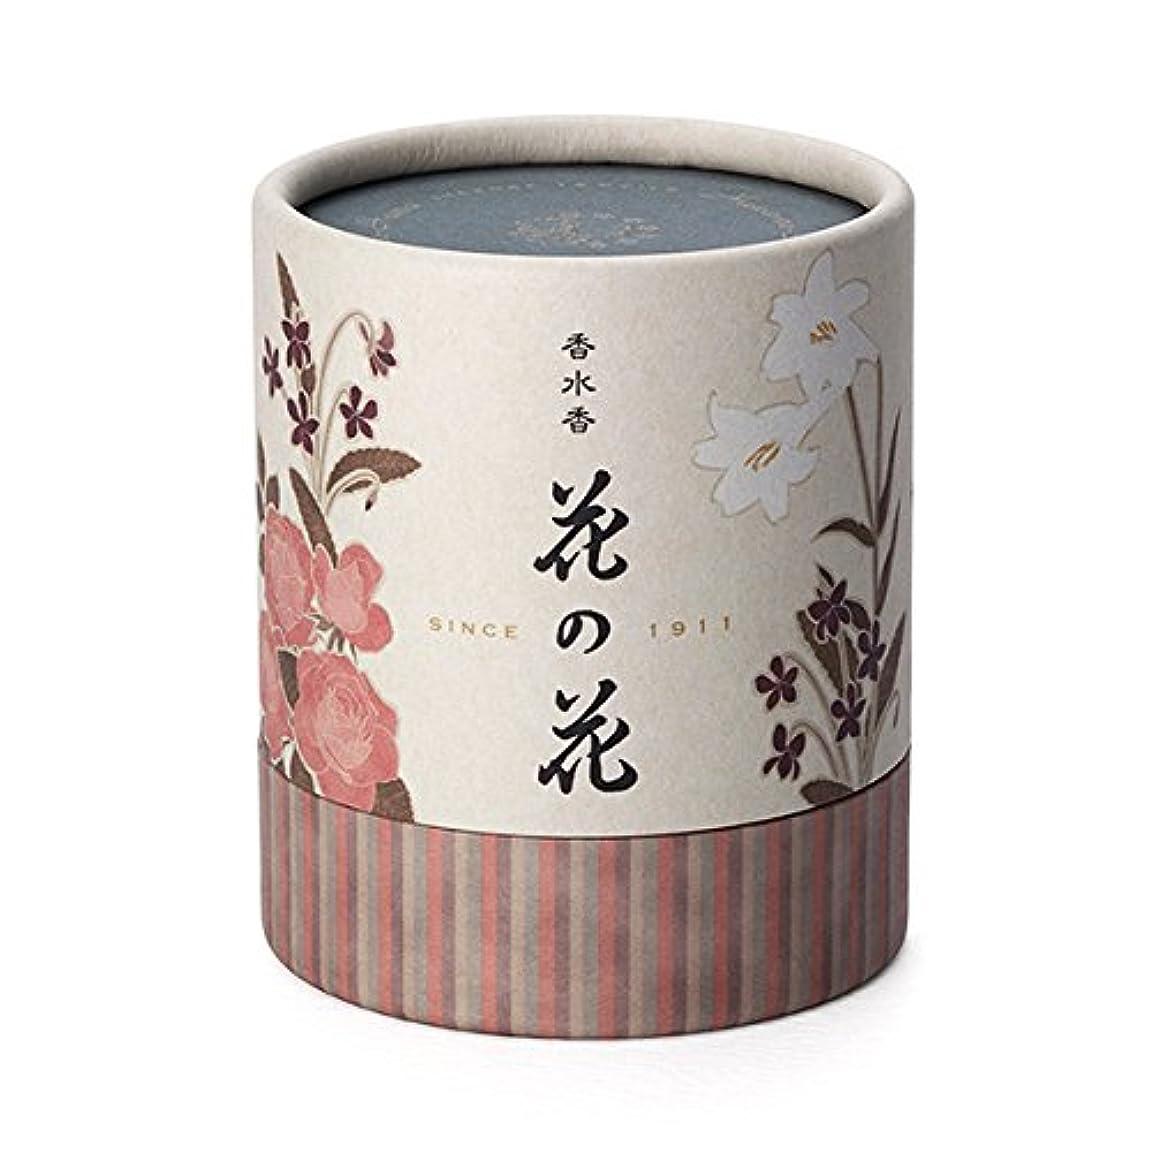 考えるポーチマークされた日本香堂 香水香 花の花 3種入 うず巻12巻入 香立付( 30003)